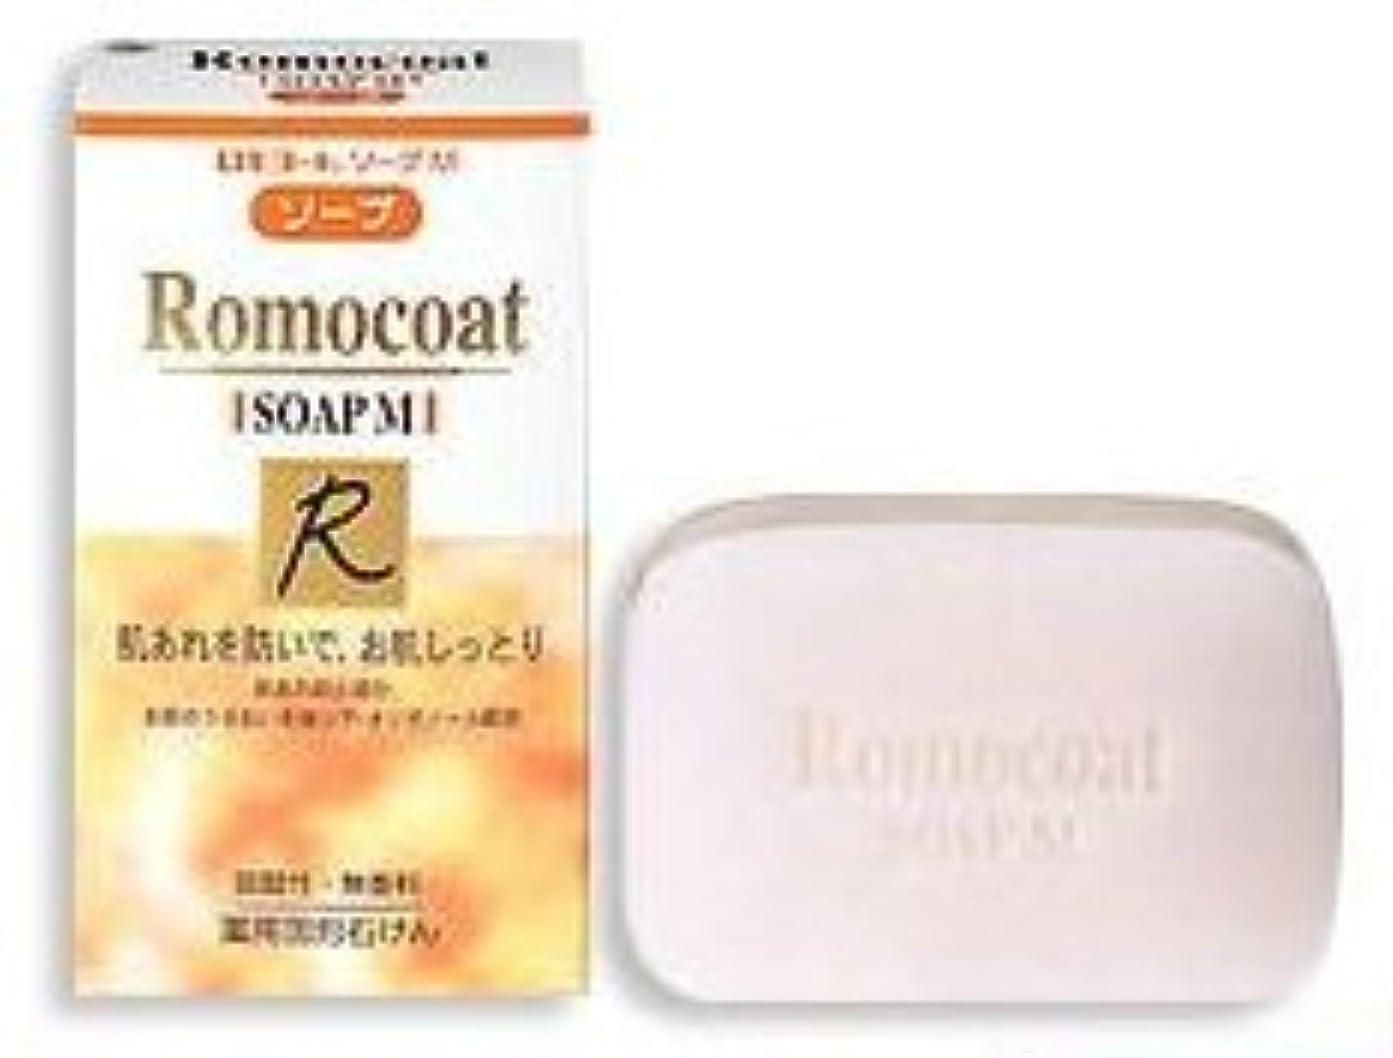 嘆く毎日君主ロモコートソープM (60g) x2個組